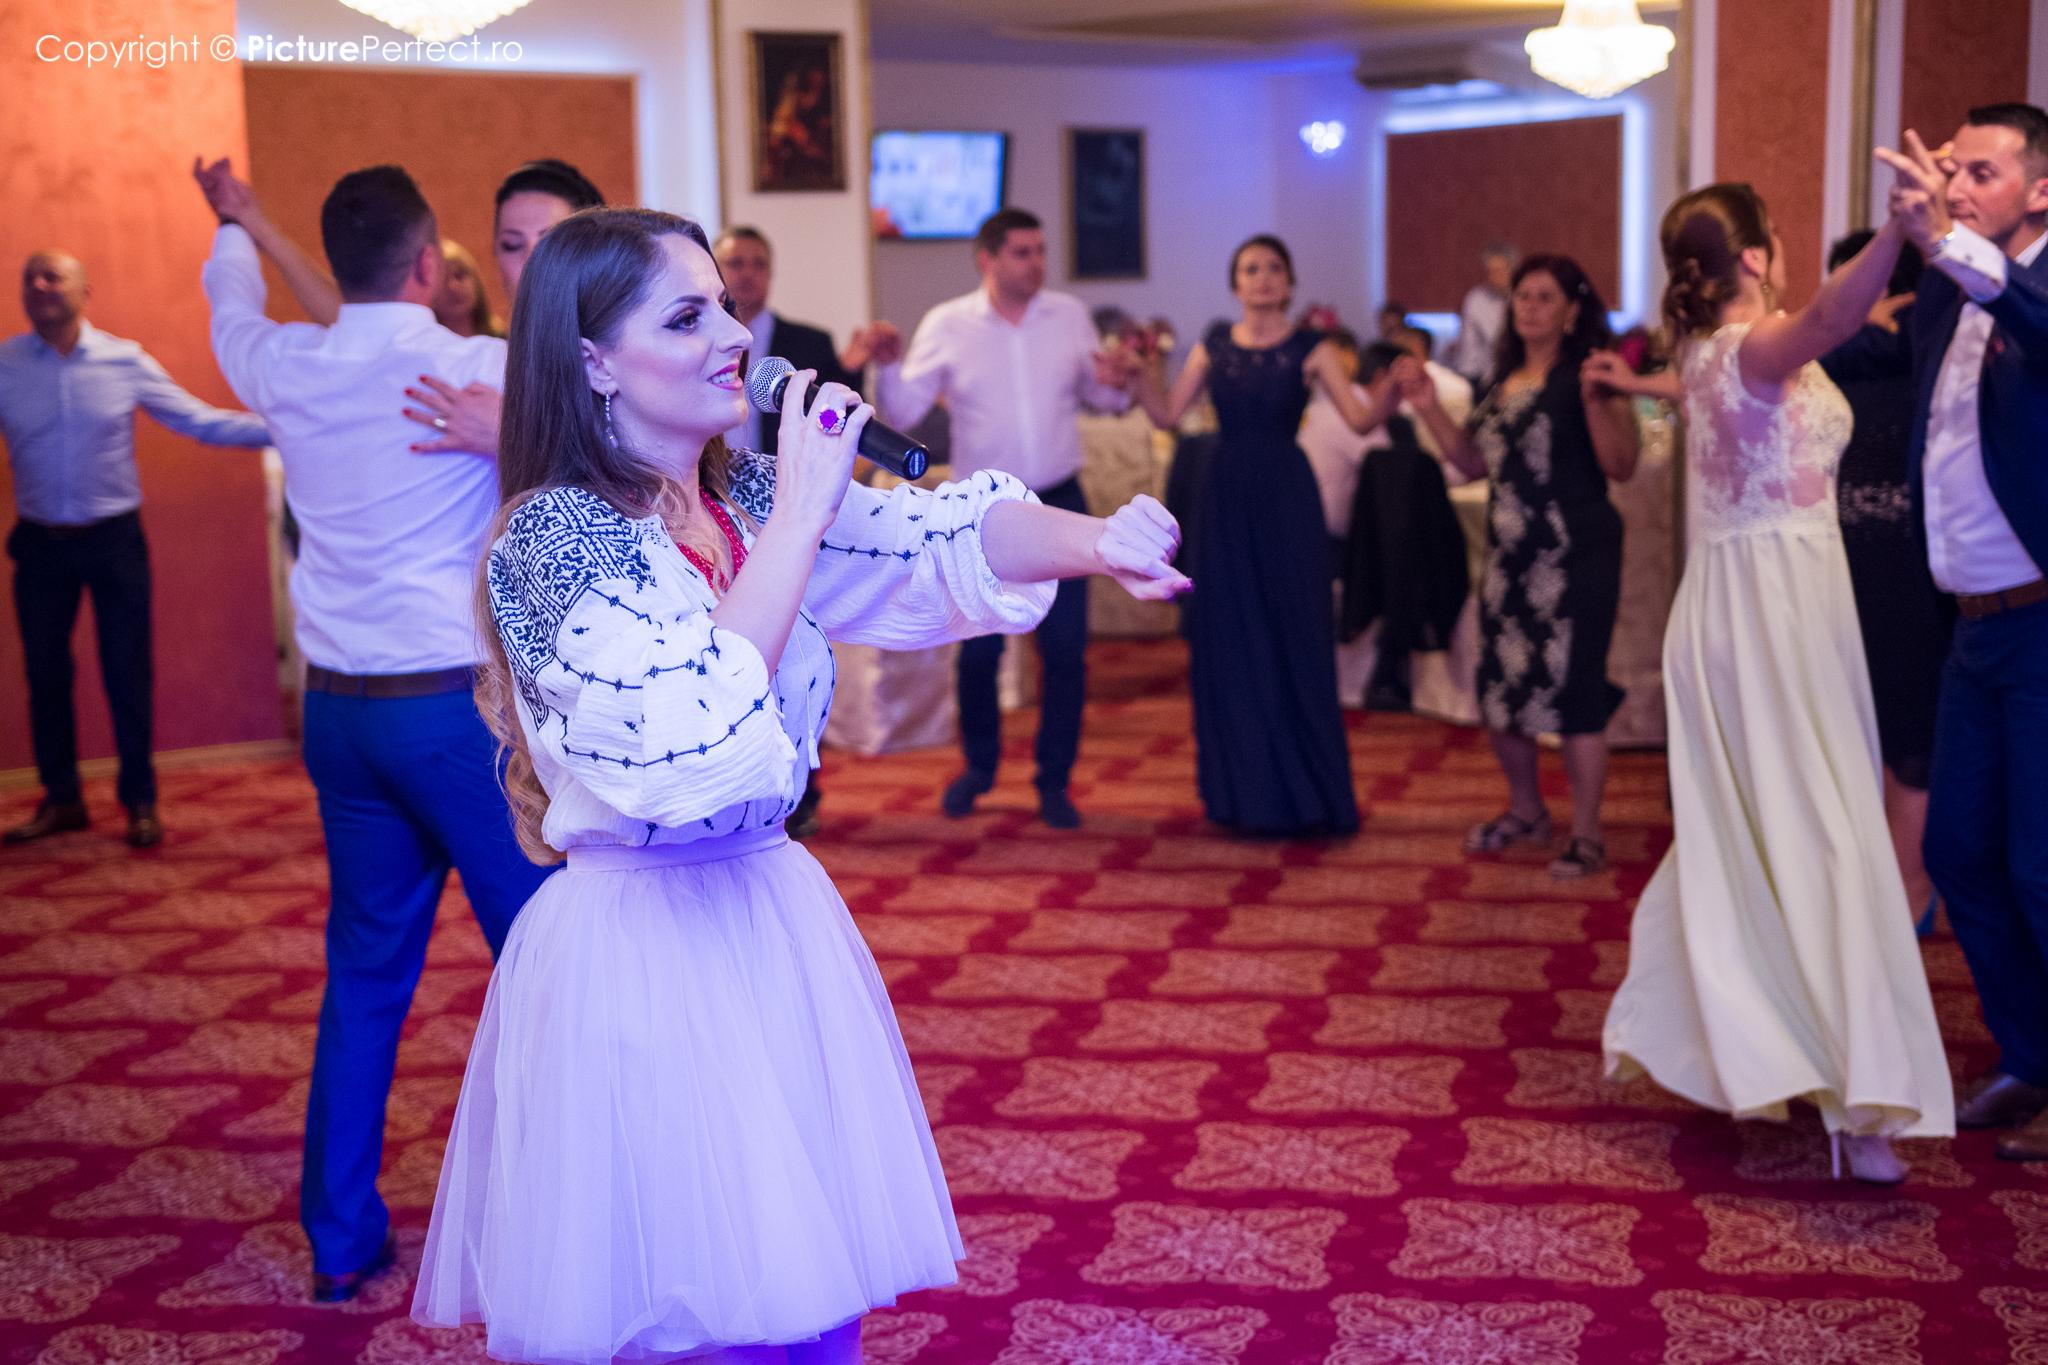 Verona Adams - Solista de muzica populara si usoara la evenimente si spectacole.